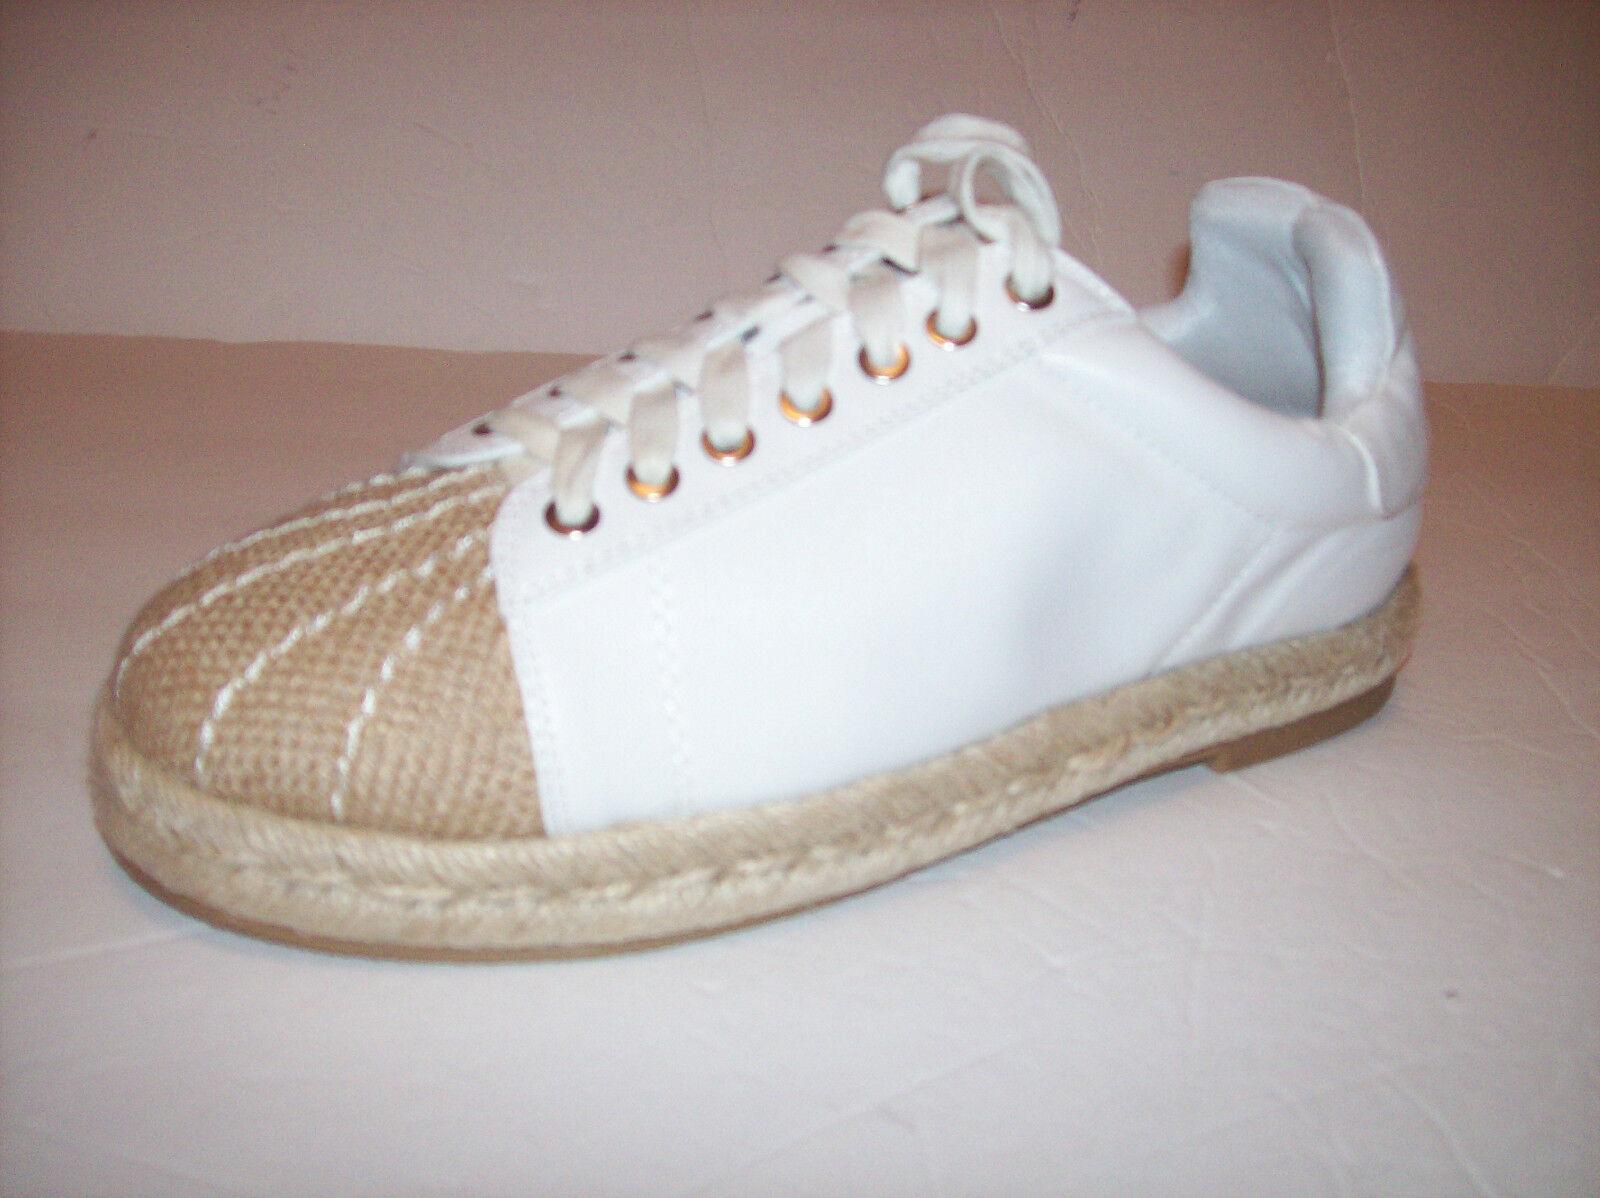 les femmes espadrille occasionnels catherine nouveaux catherine occasionnels malandrino chaussure chaussures nous sz 7m (8,5) 257ada